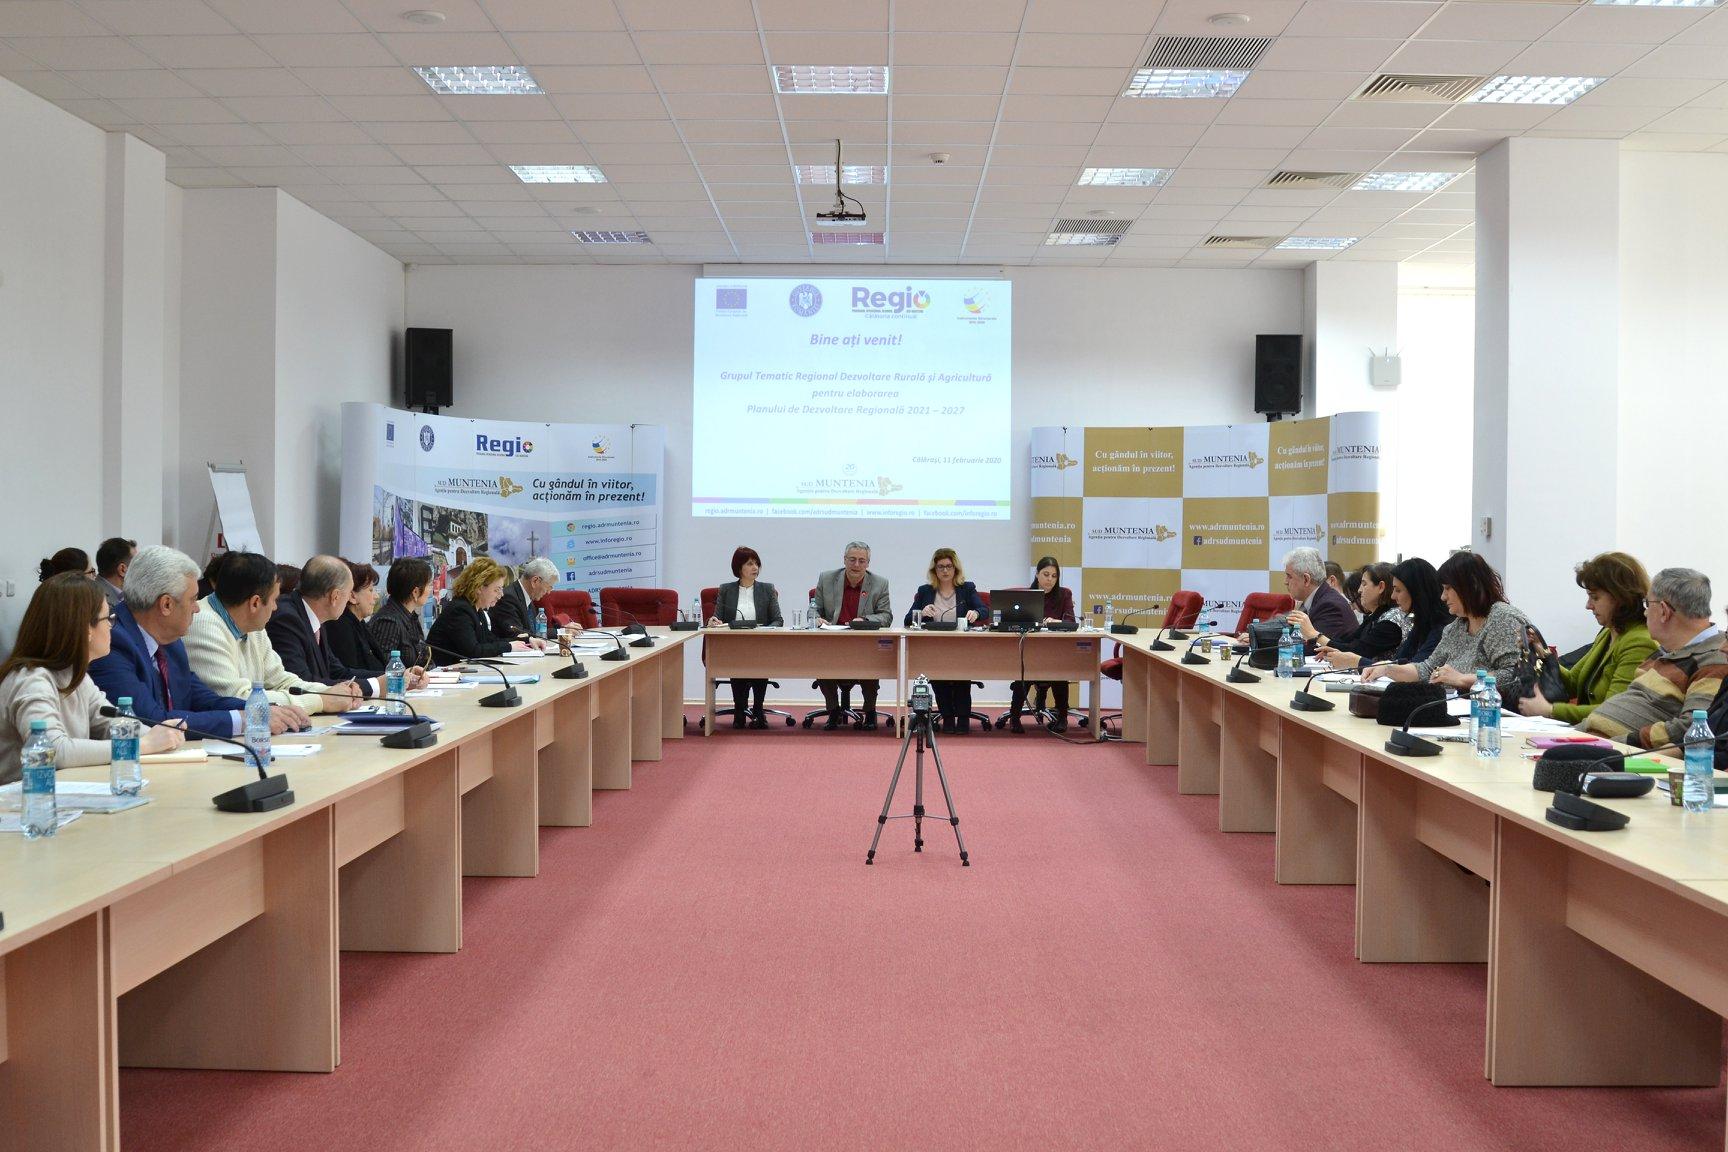 Grup tematic regional pentru dezvoltare rurală și agricultură, la Călărași